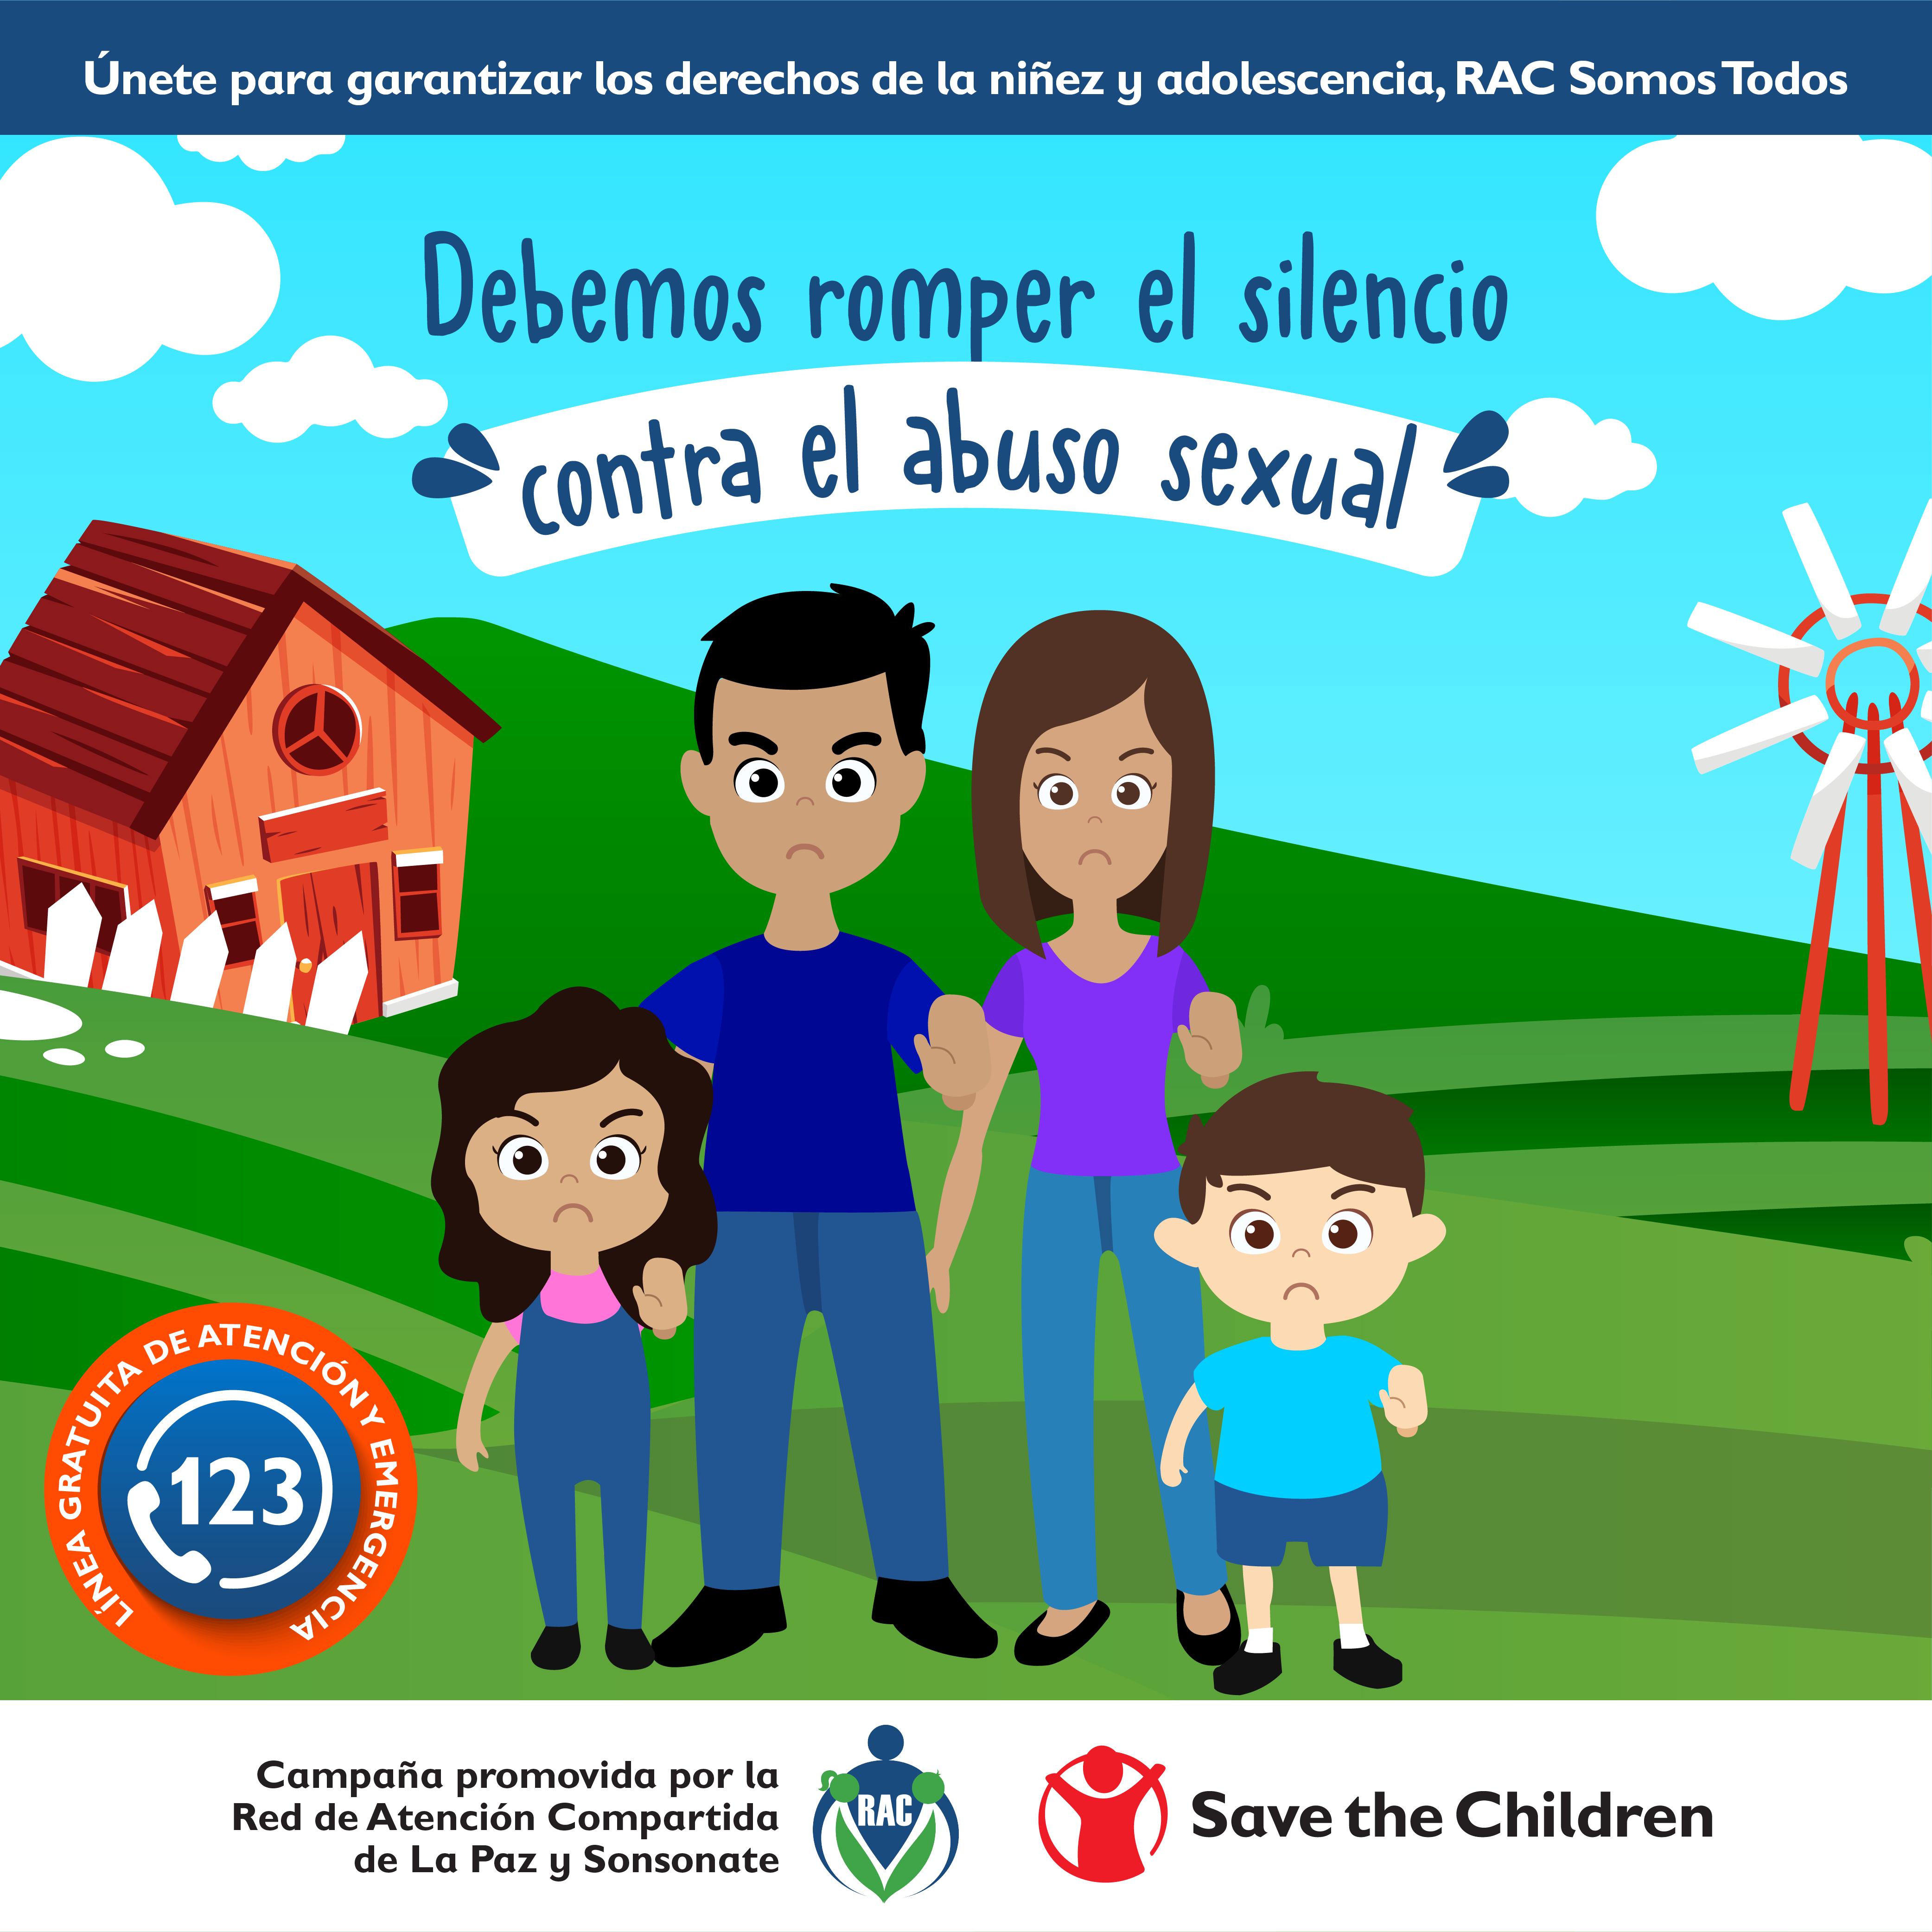 RAC Lanza campaña de promoción de derechos de las niñas y niños en El Salvador.